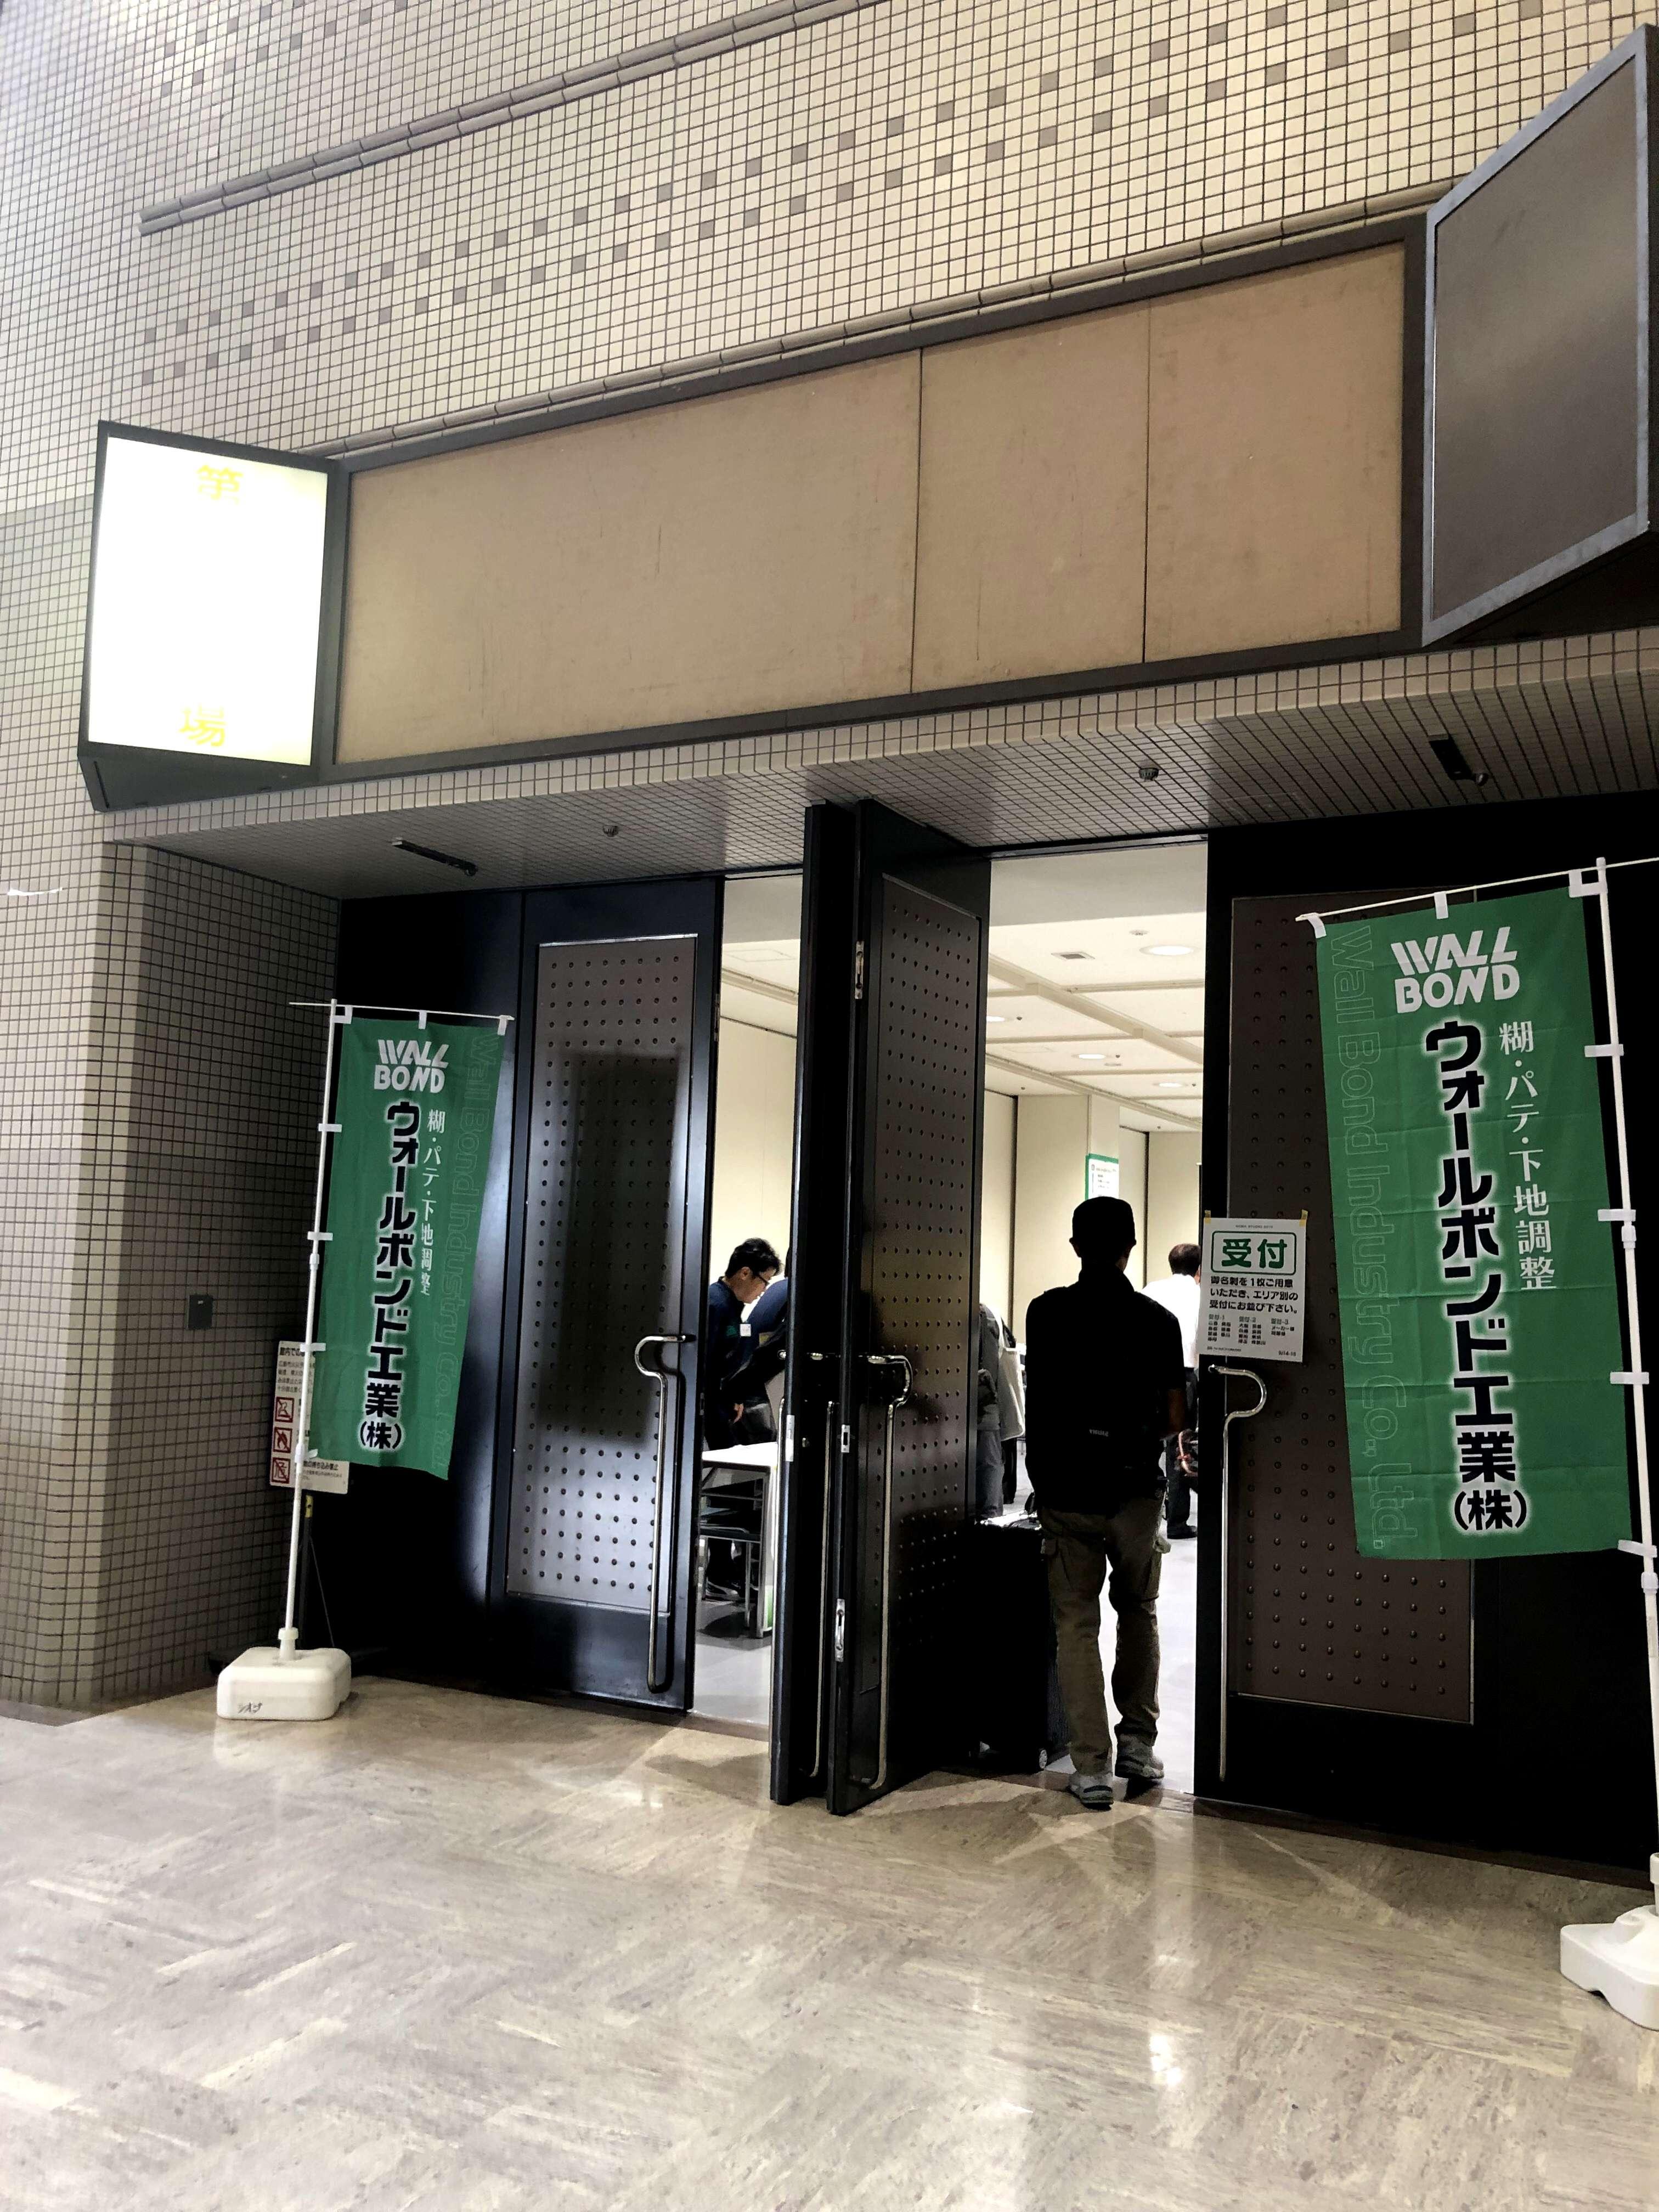 クロス糊の研究、ウォールボンド講習広島に参加しましたVol.1